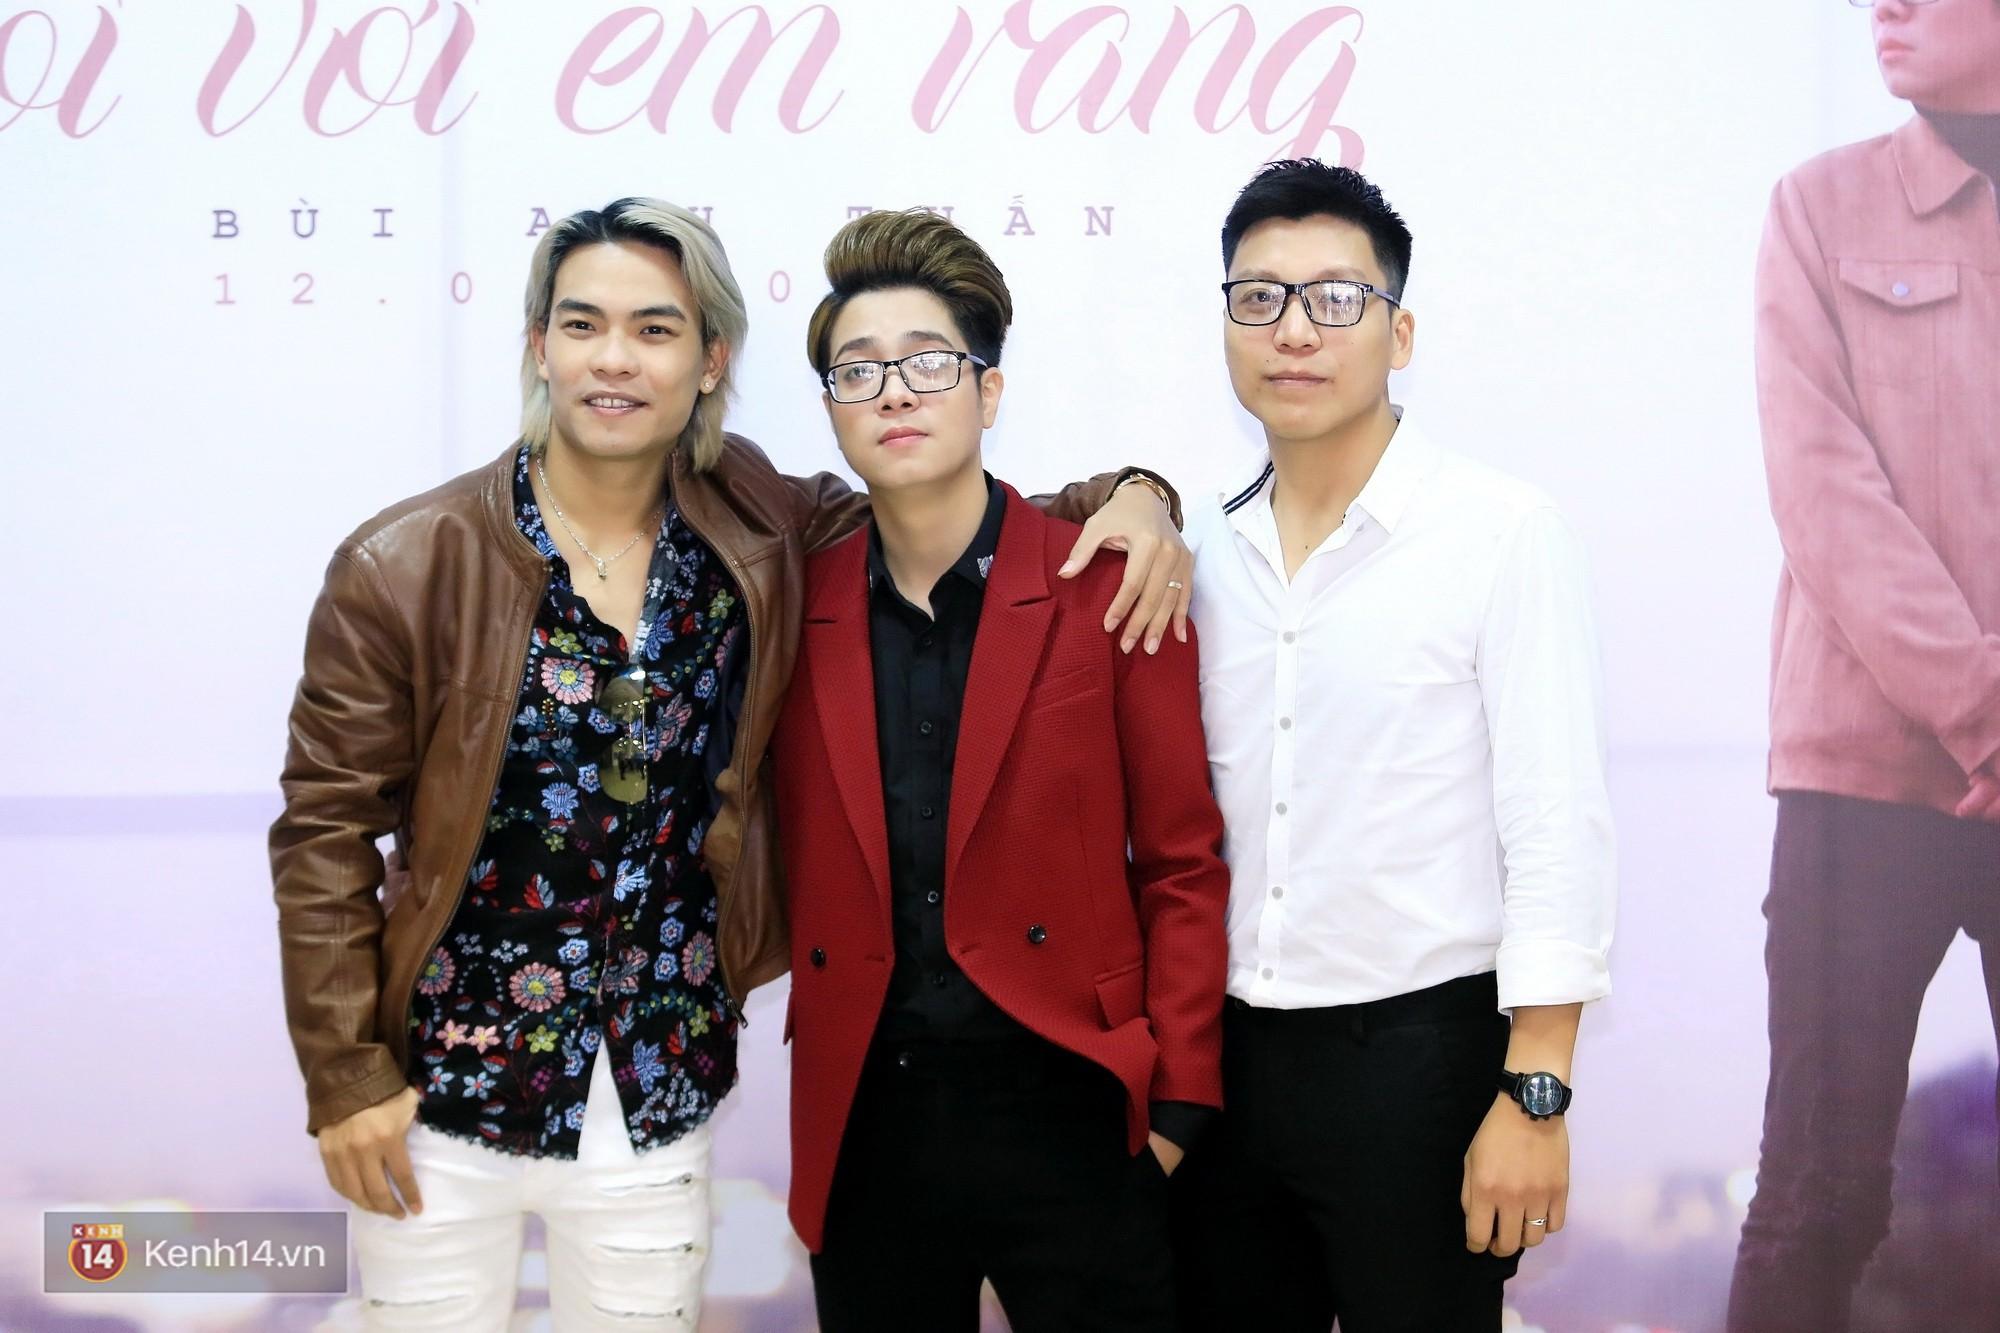 Bùi Anh Tuấn mời thảm họa âm nhạc Lệ Rơi xuất hiện trong MV ra mắt dịp Valentine trắng - Ảnh 7.